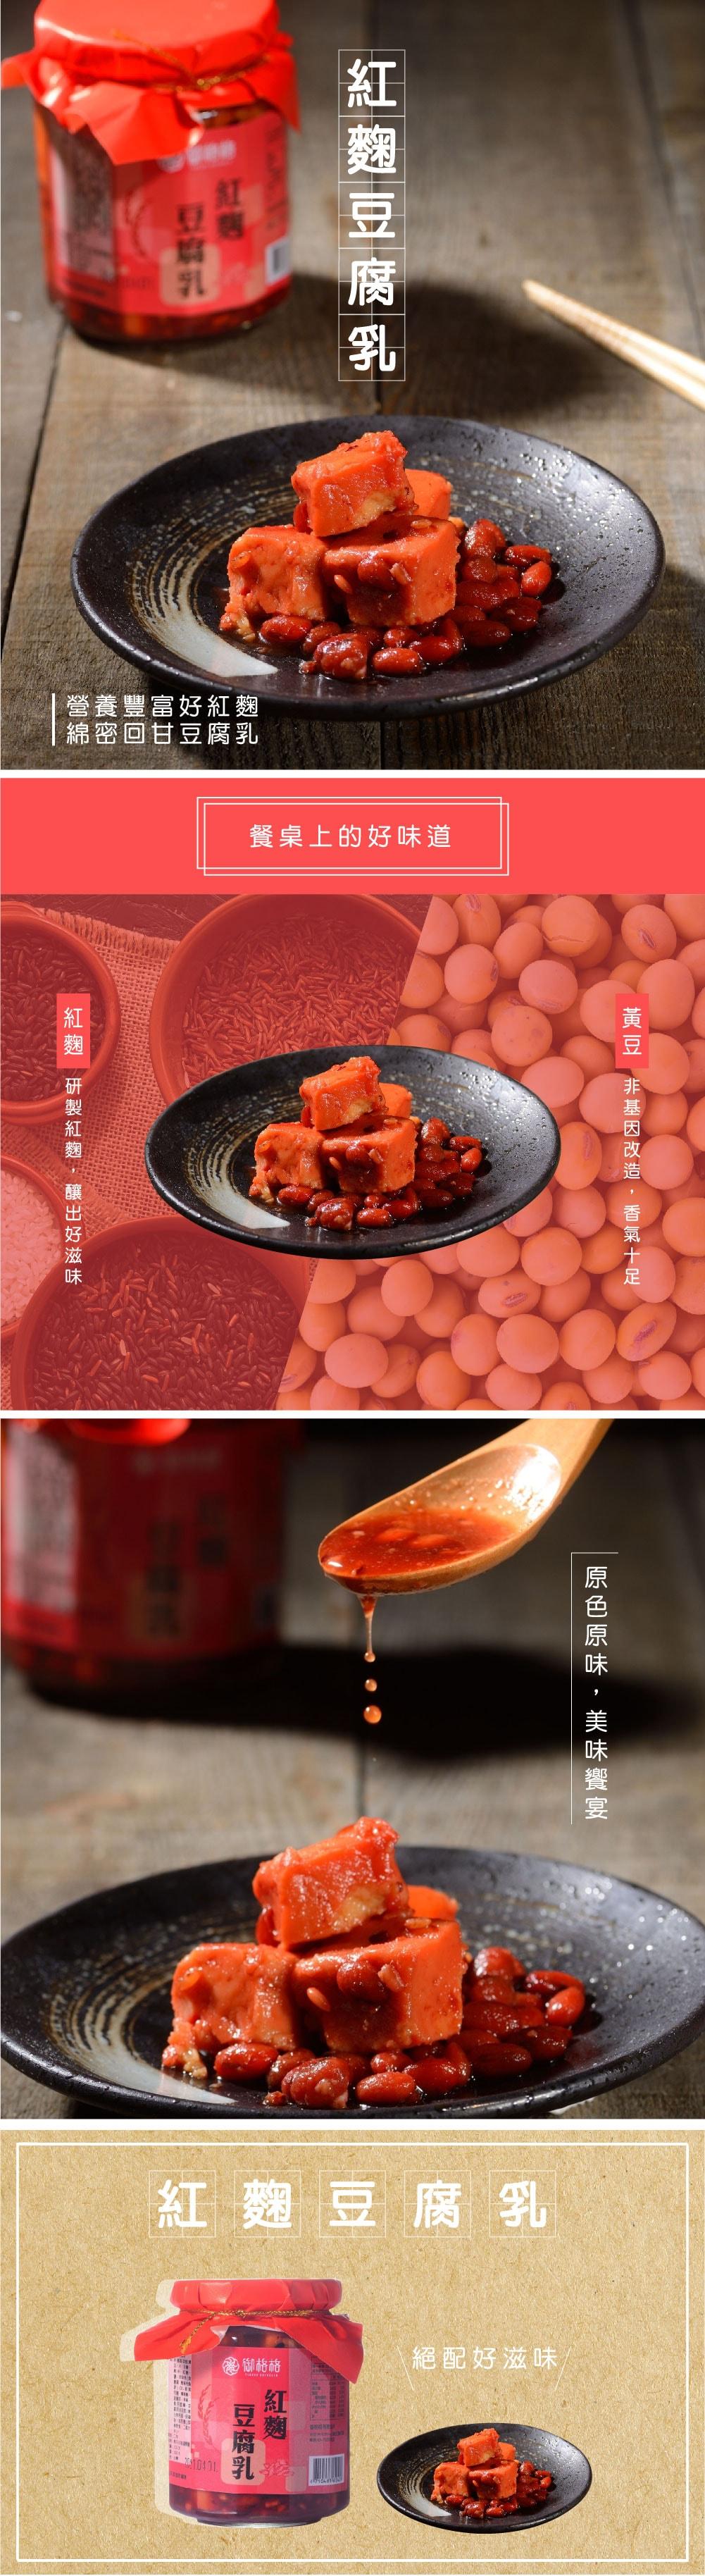 御格格-紅趜豆腐乳-min